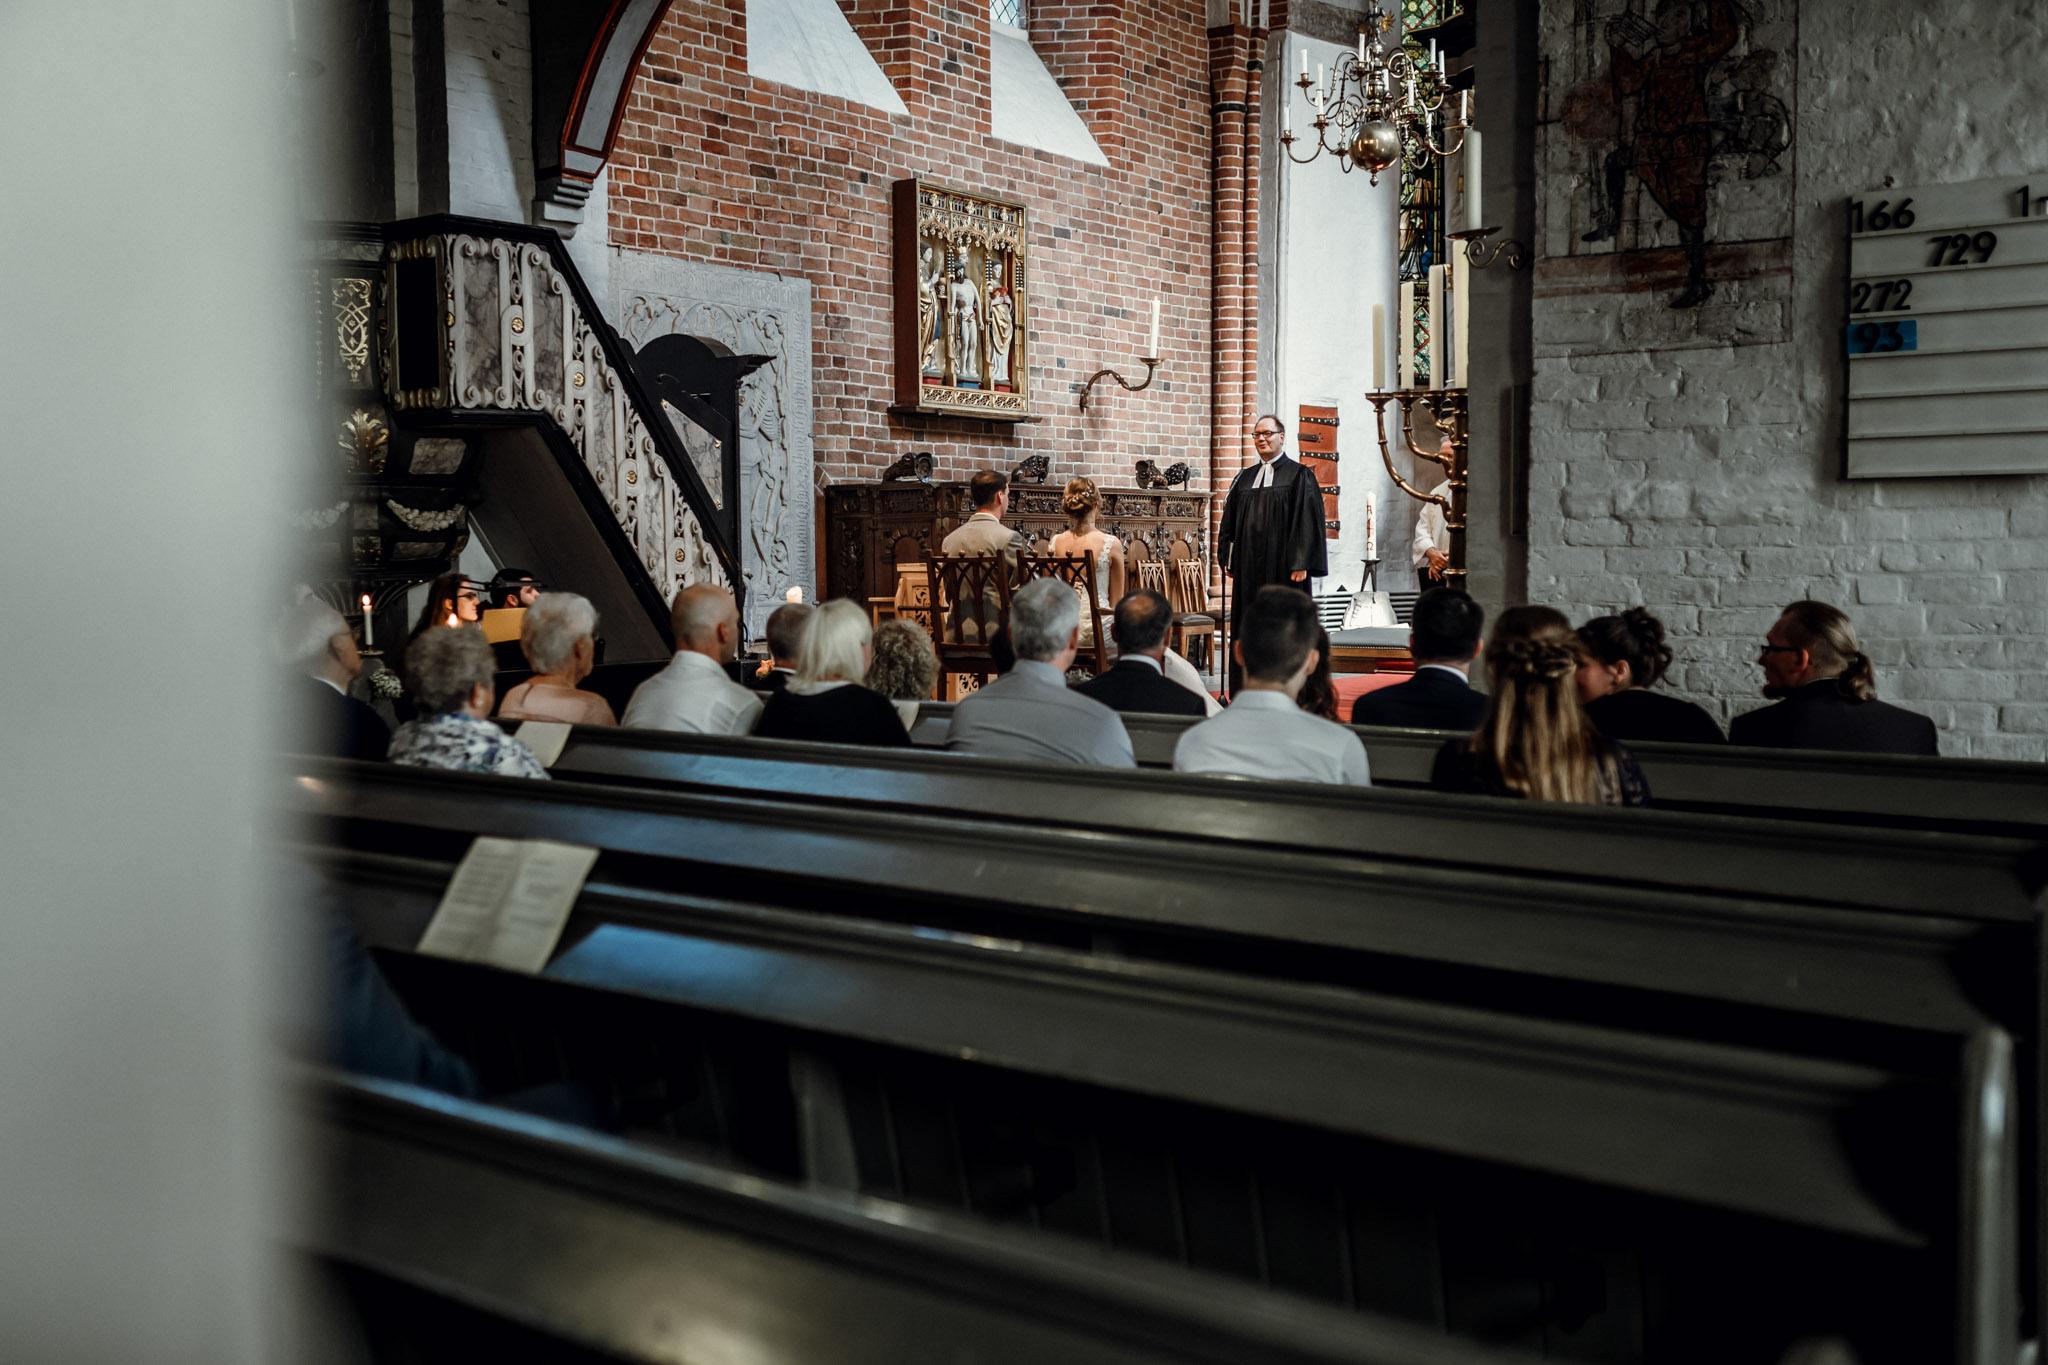 Sven Schomburg Hochzeitsfotografie, Hamburg, Mölln, Hochzeitsfieber by Photo-Schomburg, Hochzeitsreportage, Forsthaus Waldhusen, Braut, Bräutigam-30